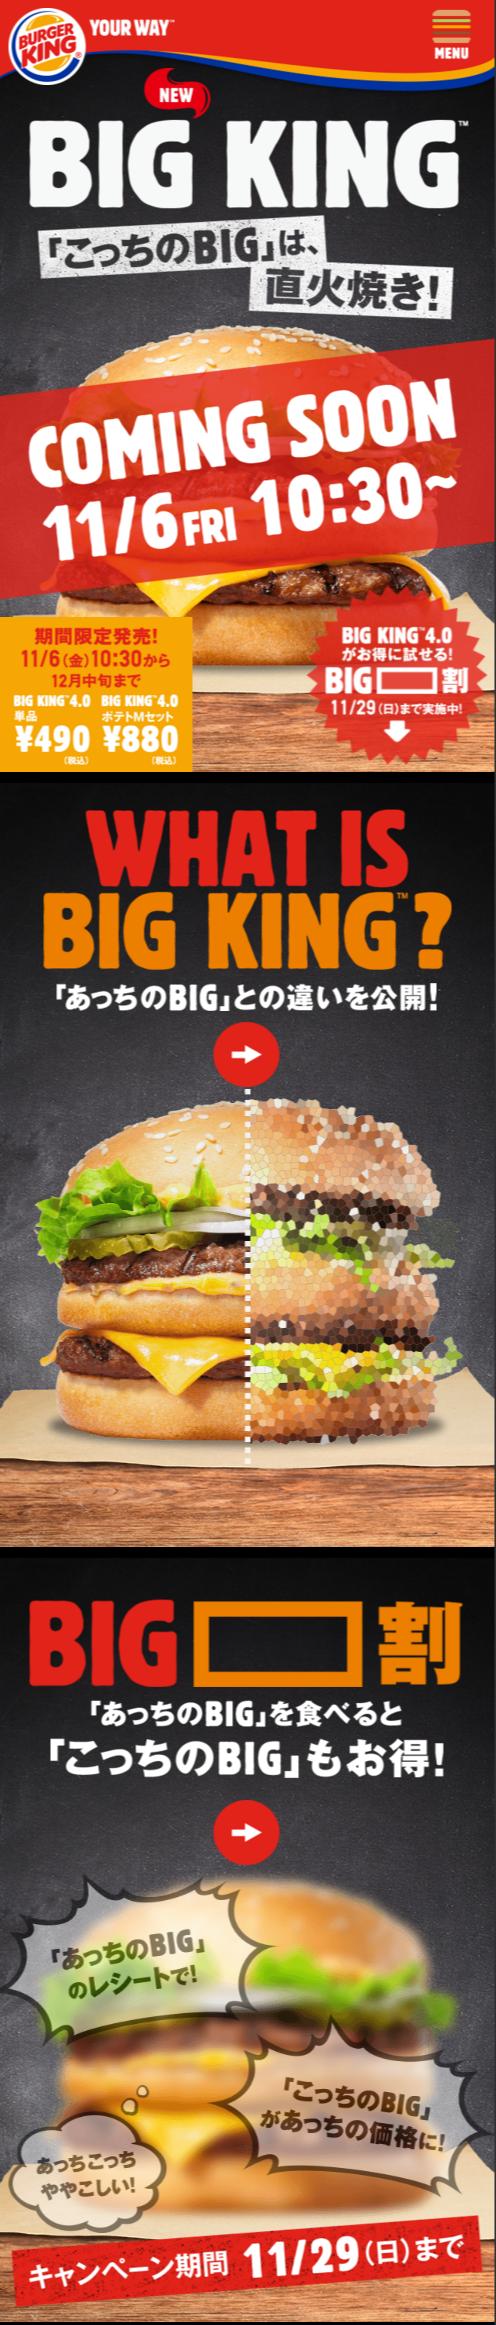 キャンペーン|BURGER KING:NEW BIG KING™